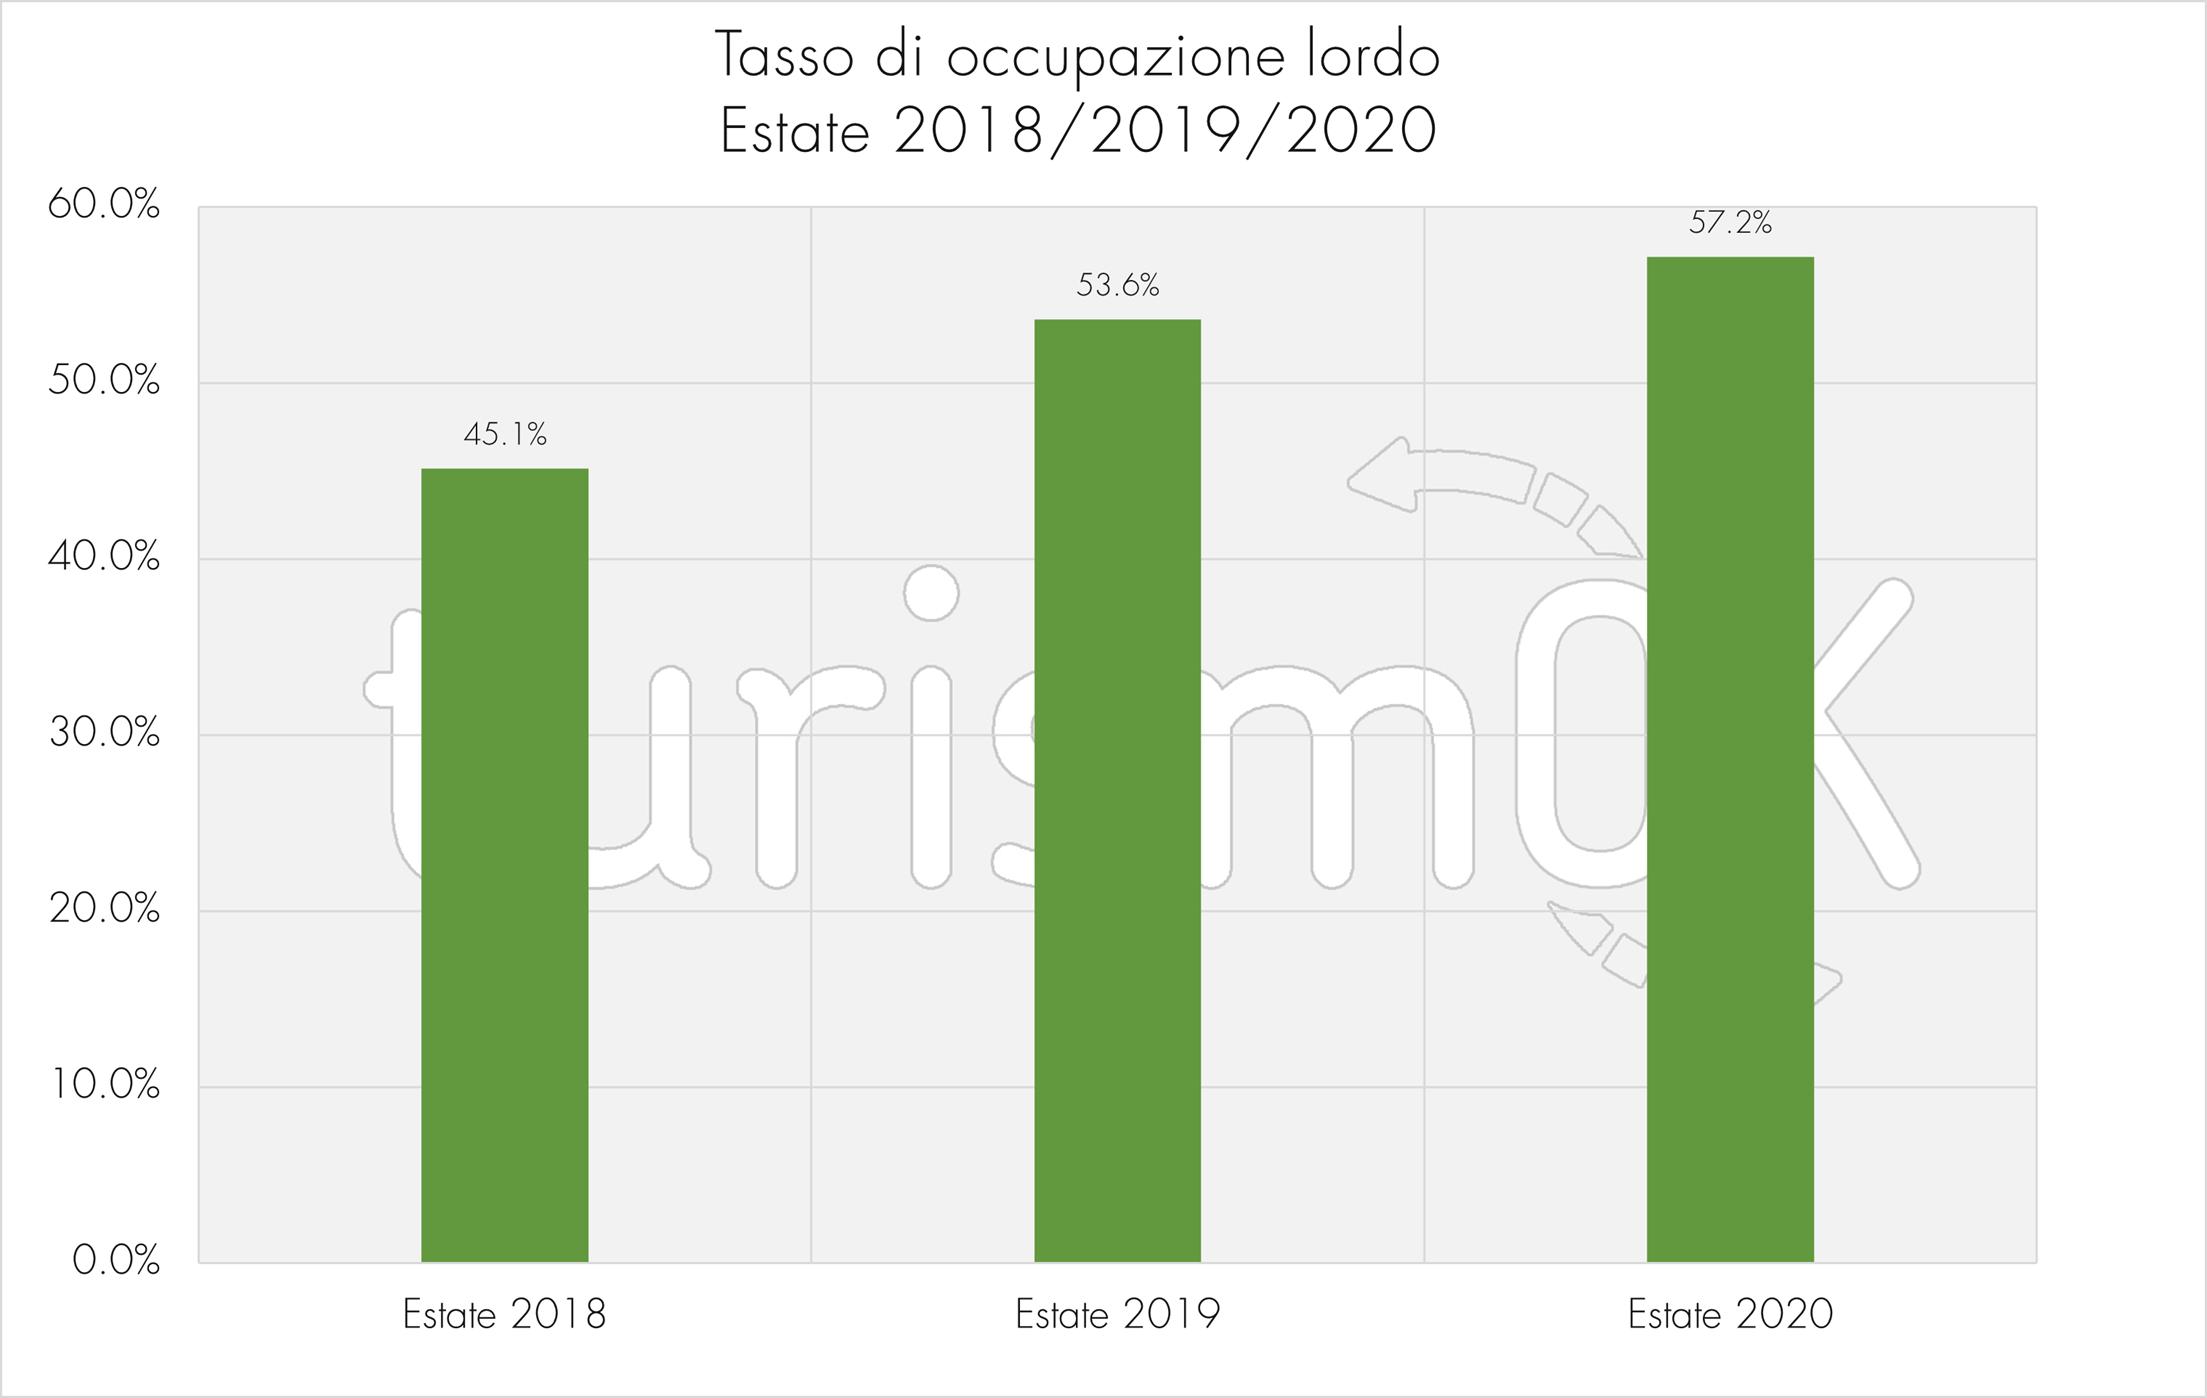 Tasso occupazione lordo estate 2018 2019 2020 Osservatorio Turistico Valle d Aosta